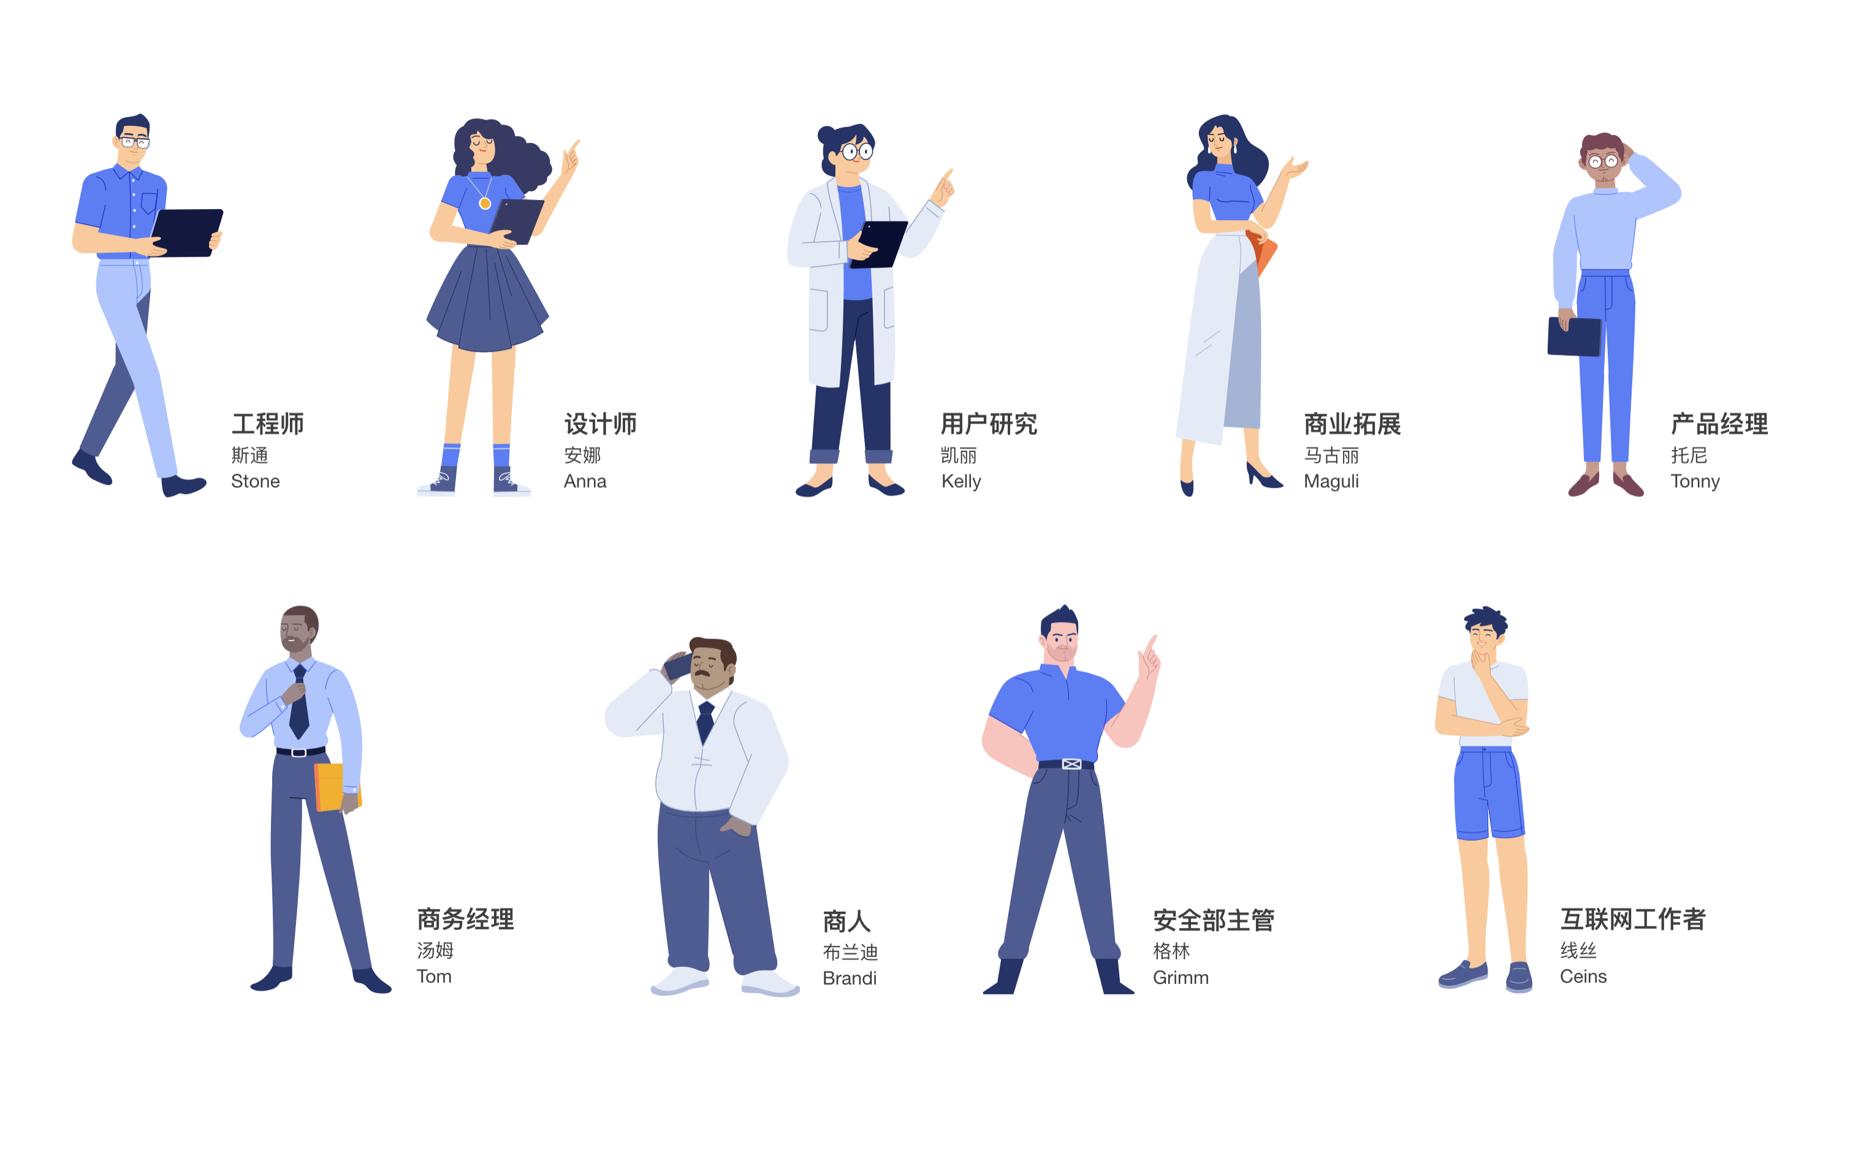 9 种常见职业角色设计